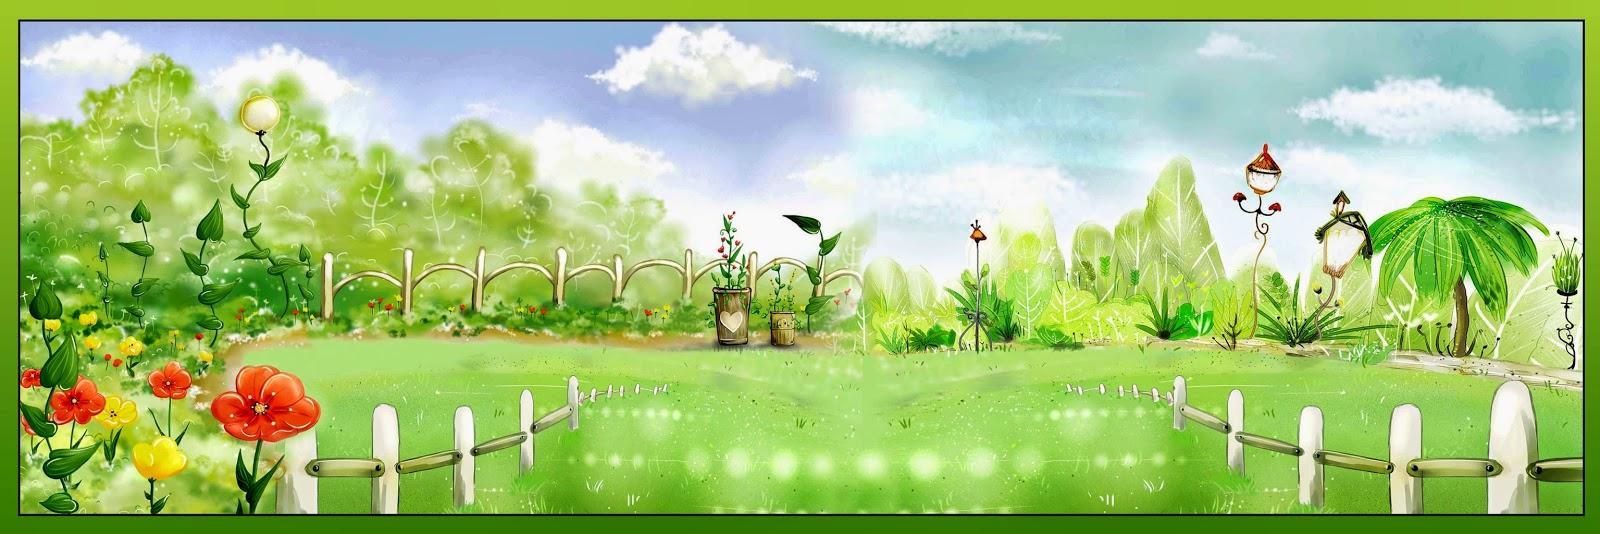 Gambar Background Untuk Anak Tk Foto Manasik Haji 25x3m Katalog Template Disain Grafis Maret 2014